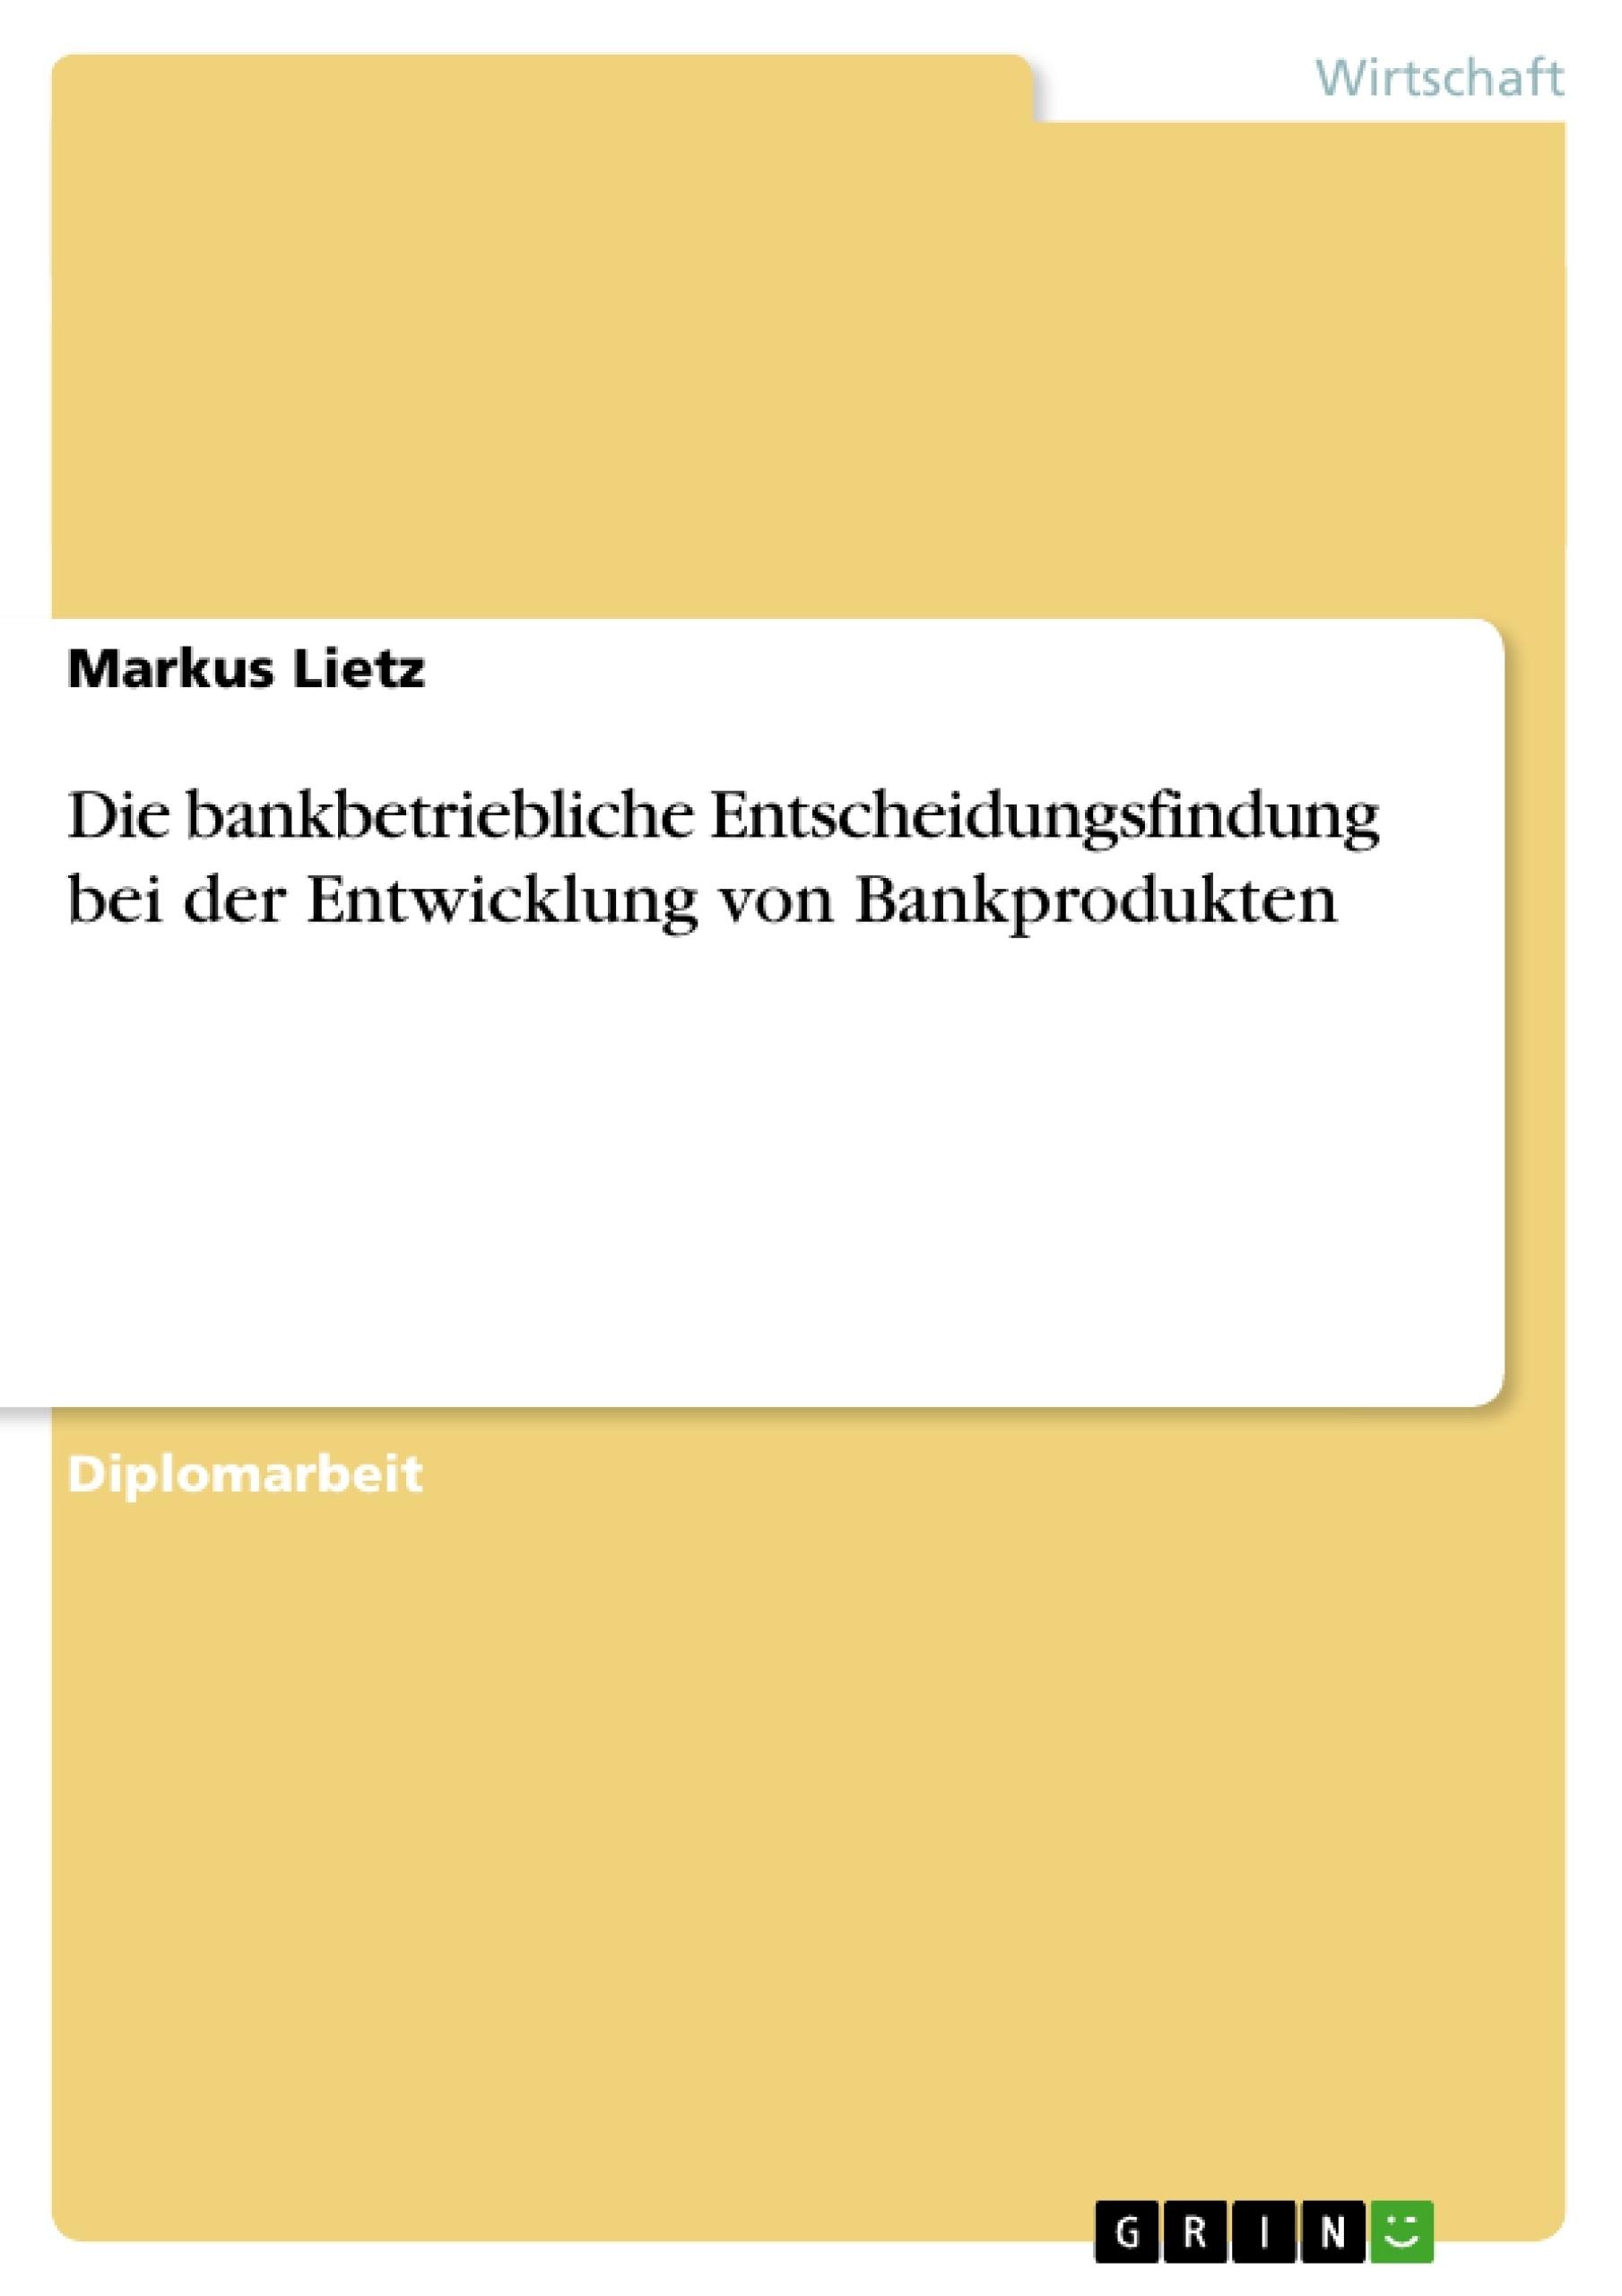 Titel: Die bankbetriebliche Entscheidungsfindung bei der Entwicklung von Bankprodukten